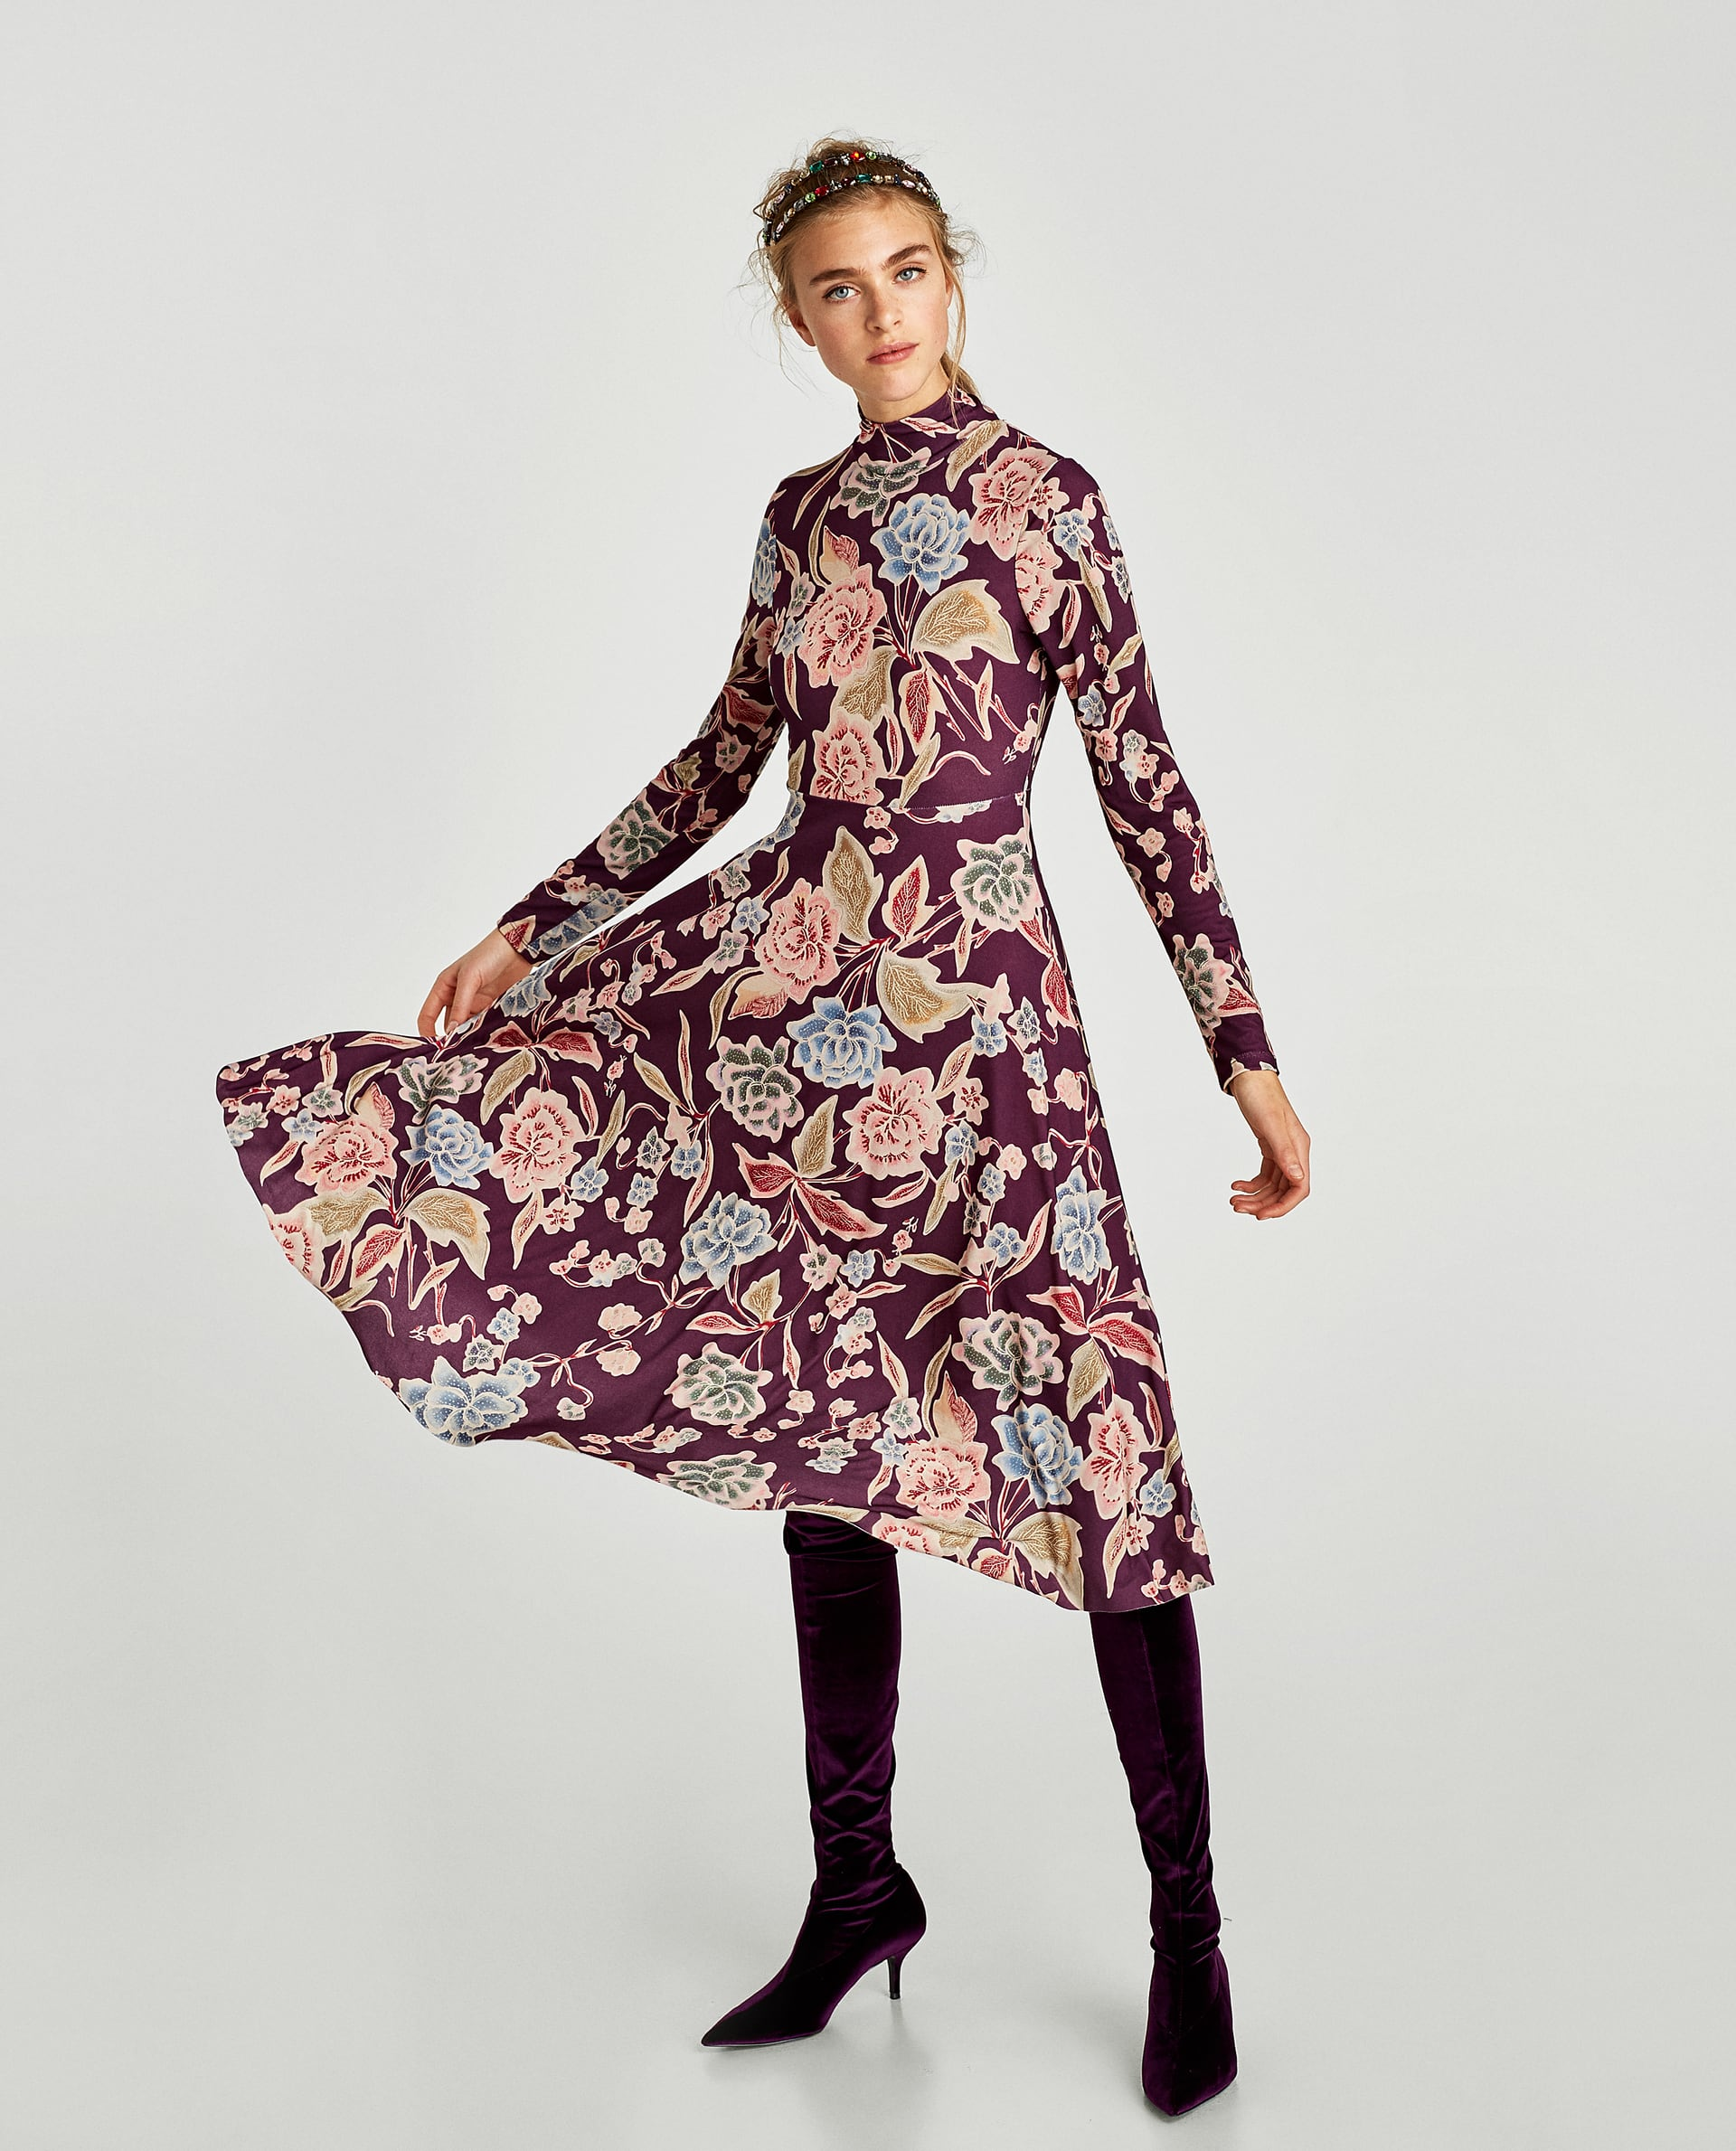 Abito stampato Zara saldi invernali 2018